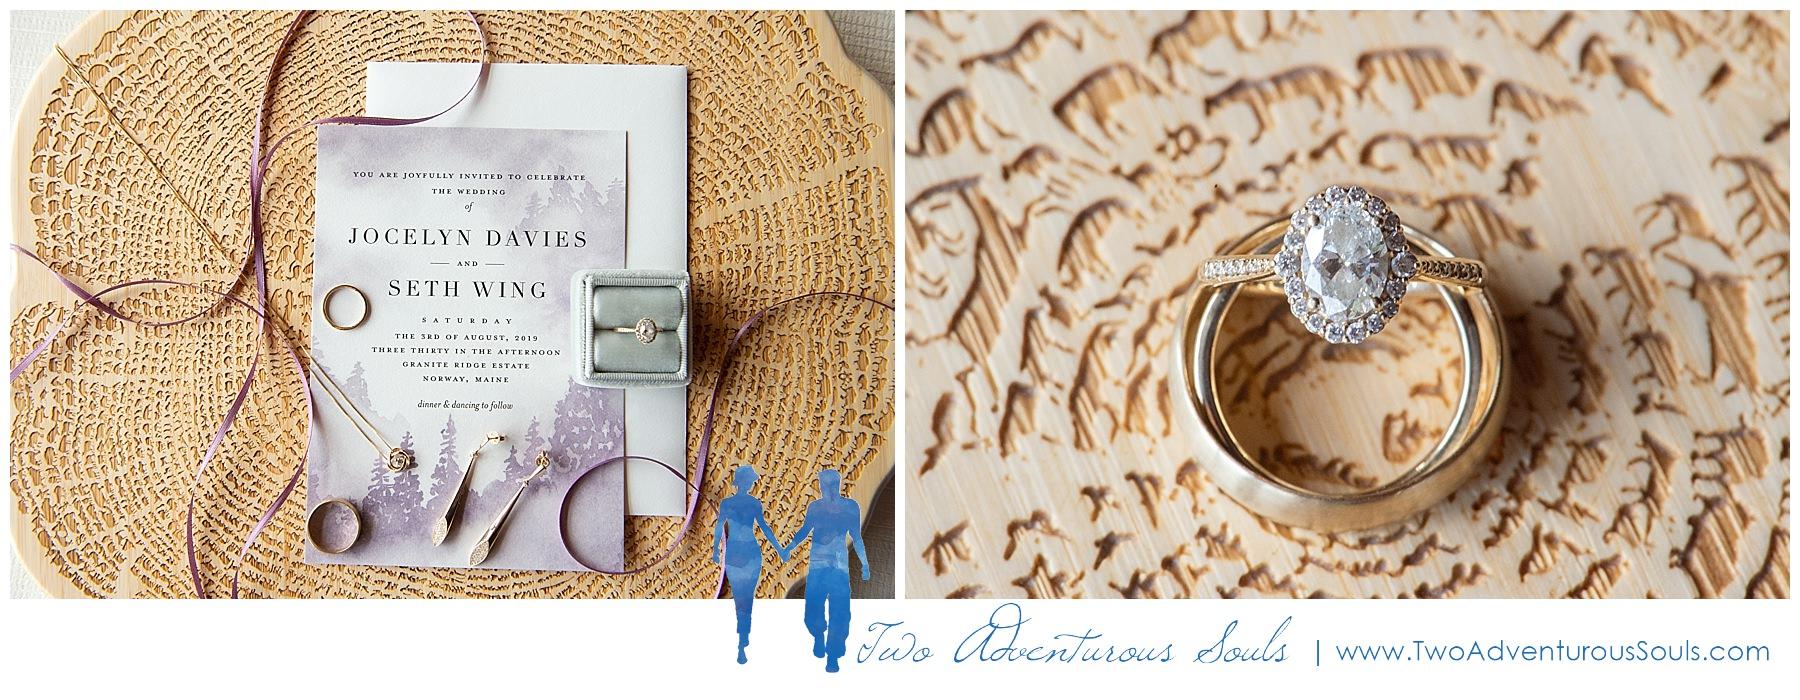 Maine Wedding Photographers, Granite Ridge Estate Wedding Photographers, Two Adventurous Souls - 080319_0003.jpg